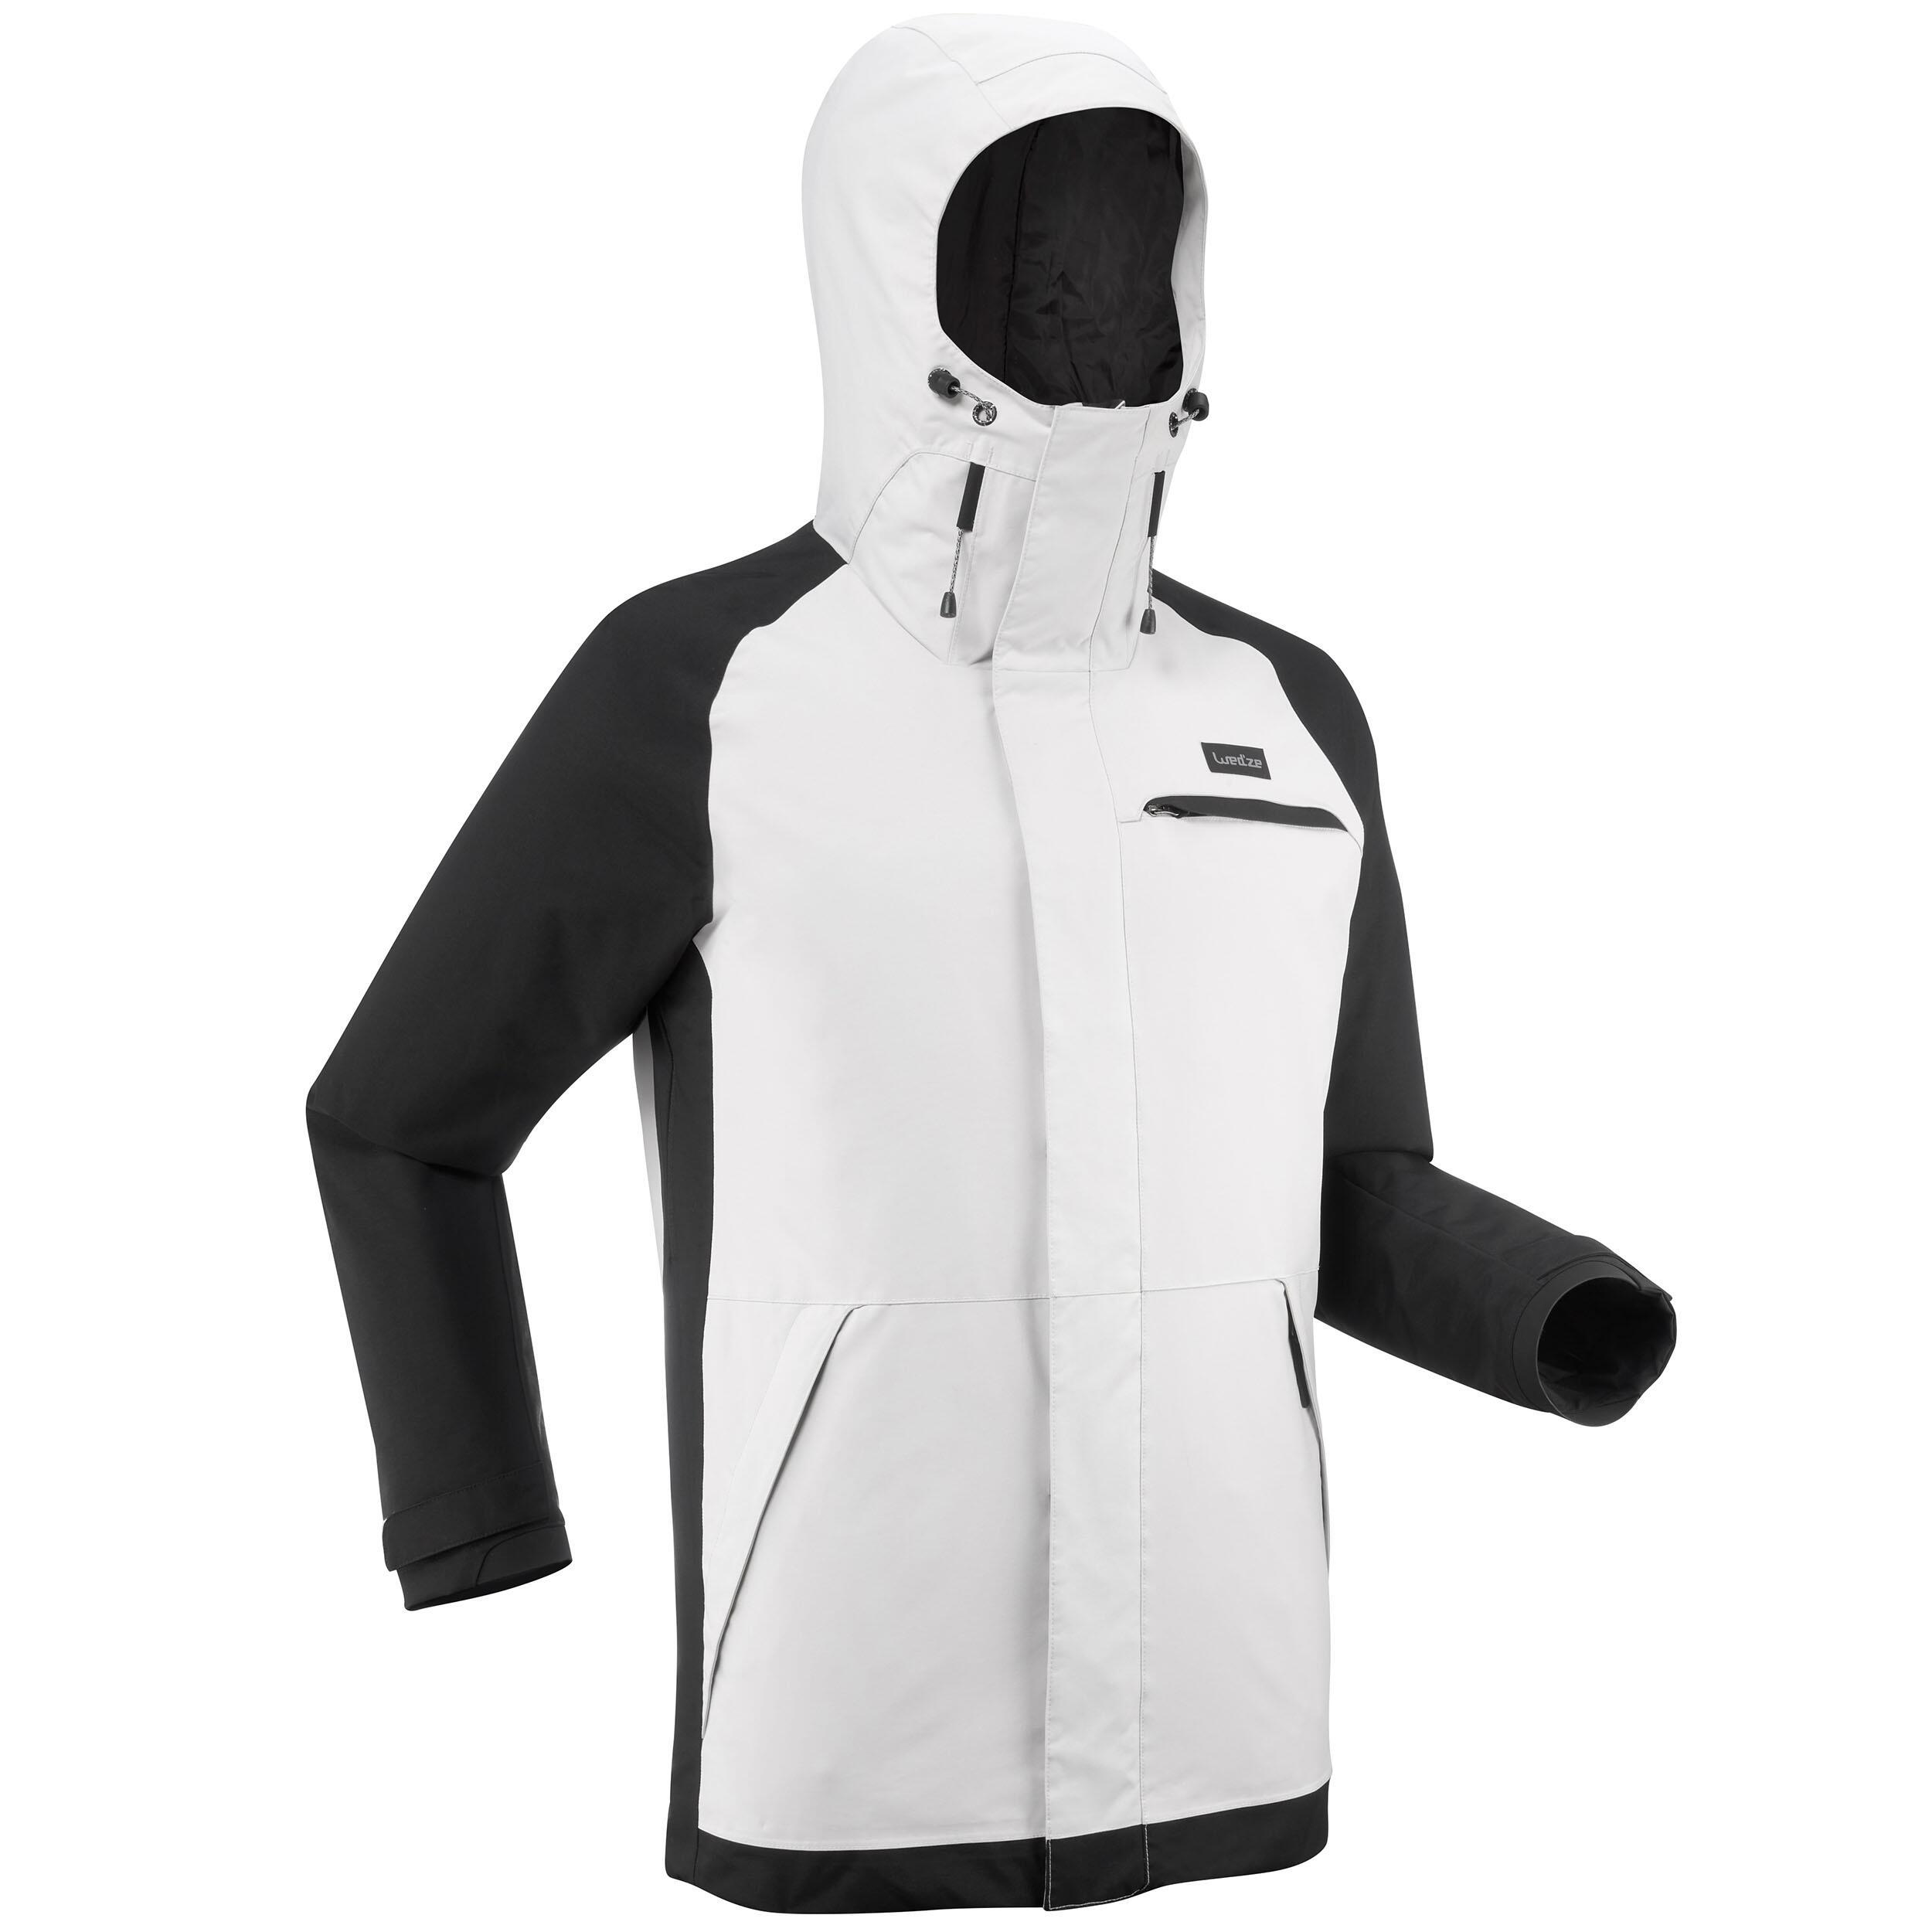 Moto Femmes Cyclisme Cadeaux pour Hommes Snowboard Sports de Plein air OKELAY Gants de Ski Hiver Chaud imperm/éable Coupe-Vent Gants avec Poche zipp/ée pour Le Ski Jeunes